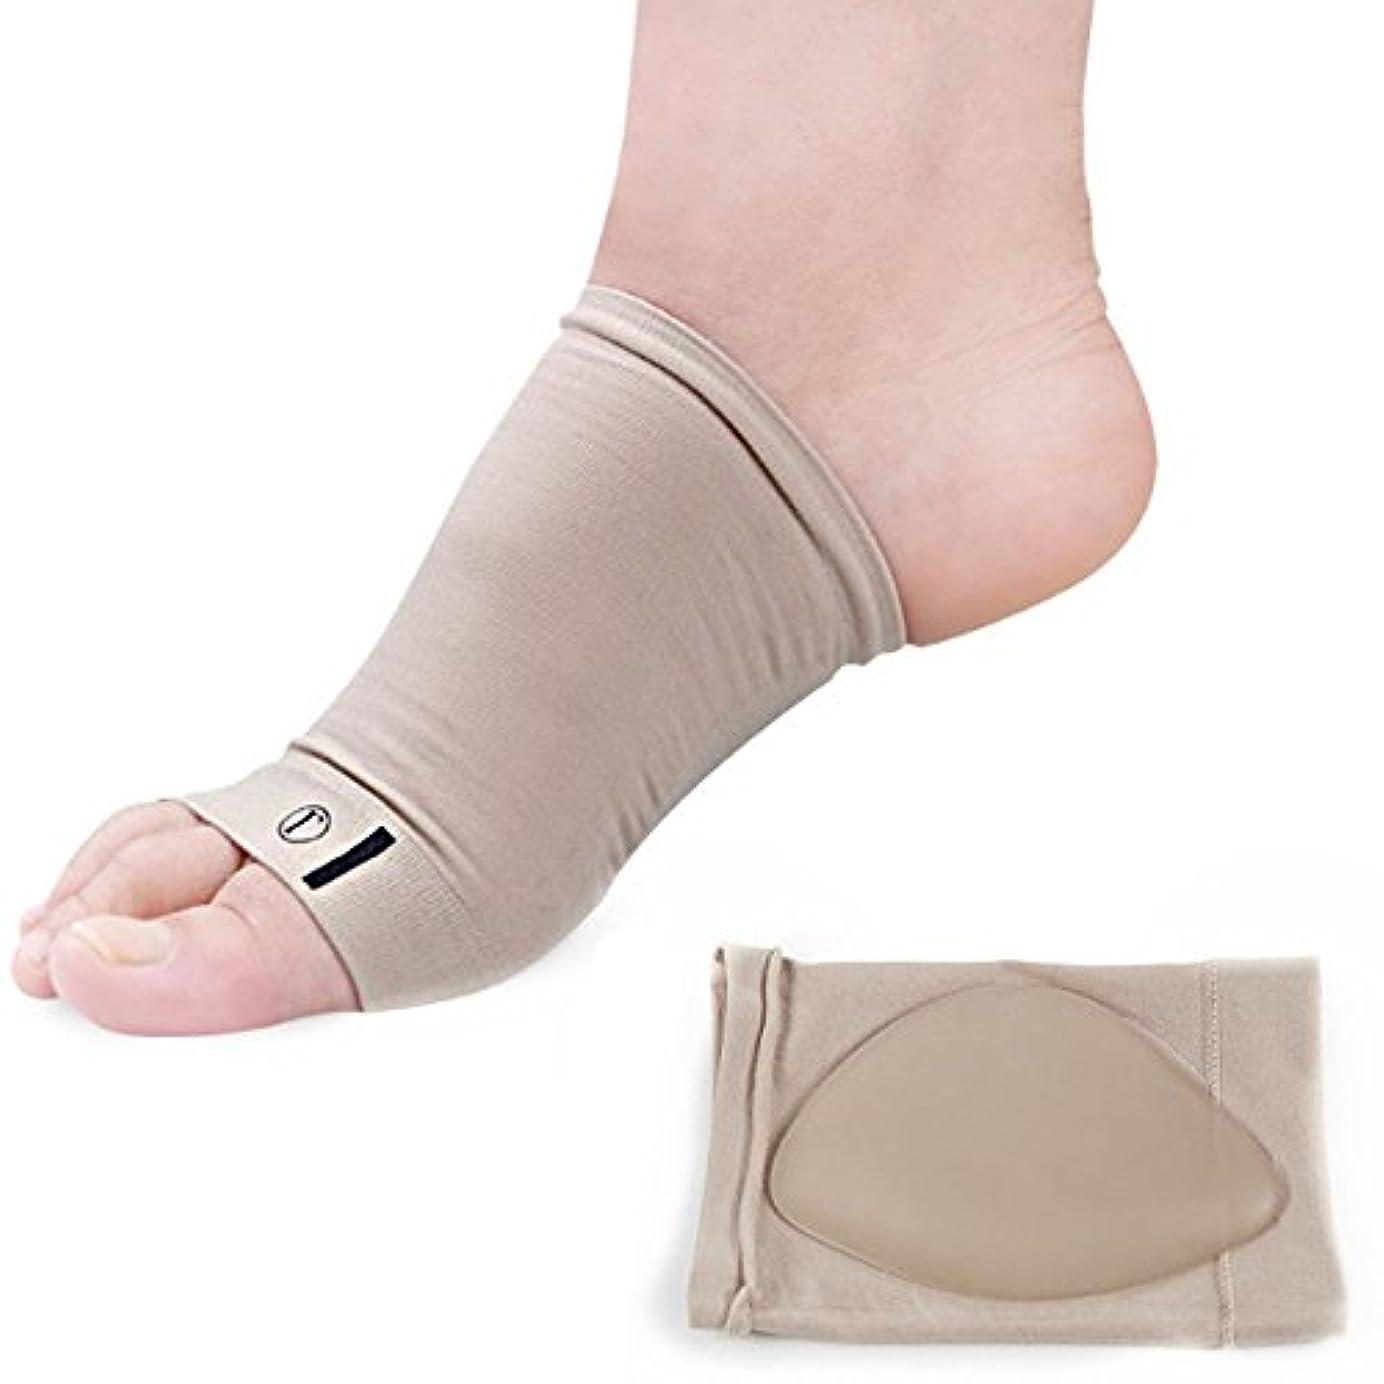 粗いマグ帝国山の奥 足底筋膜炎 アーチサポーター 専用 シリコン インソール 衝撃吸収 足裏 足底の痛みを解消 左右セット 解消足裏パッド